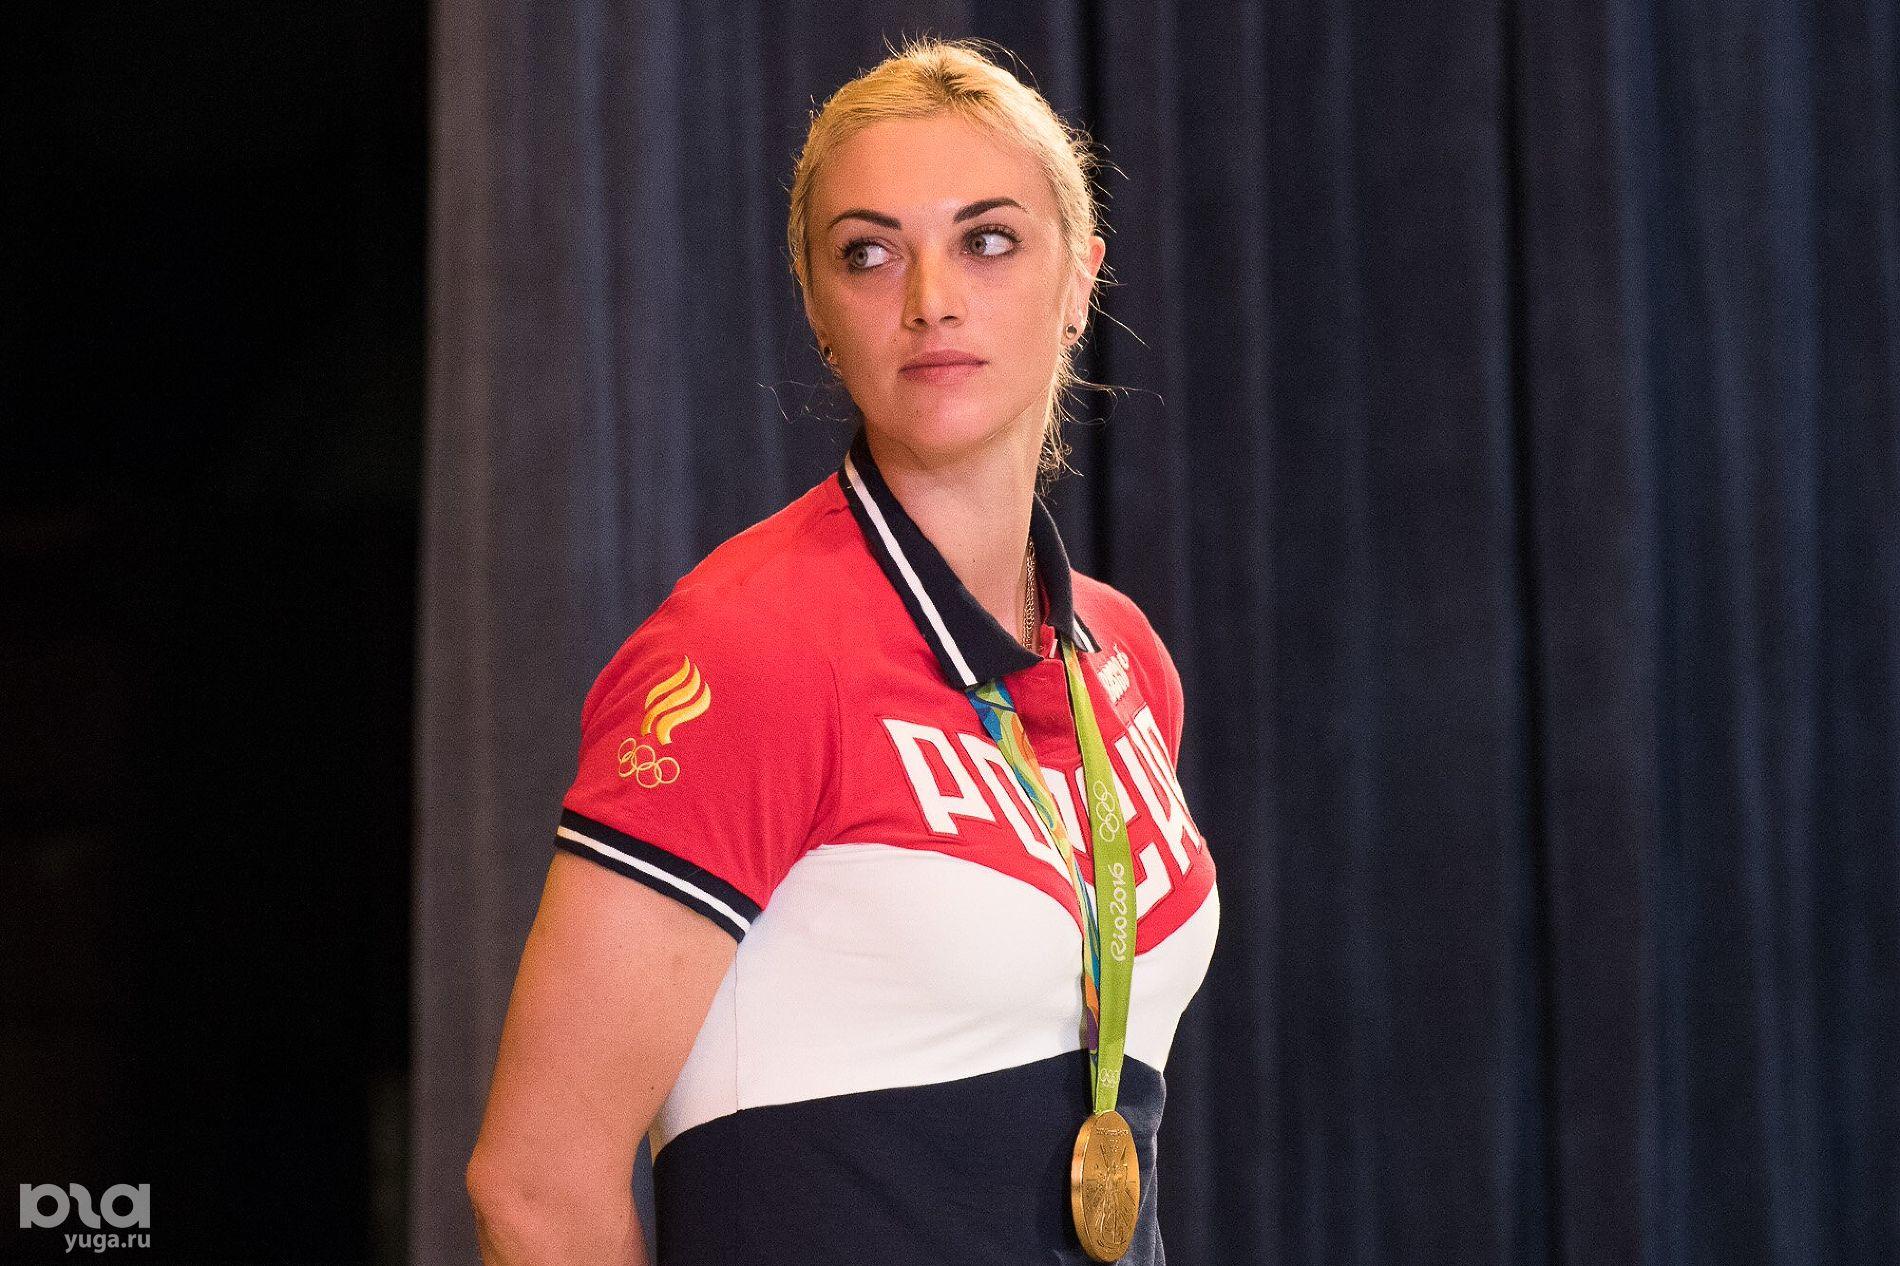 Заслуженный мастер спорта России по гандболу, олимпийская чемпионка Анна Сень ©Фото Елены Синеок, Юга.ру